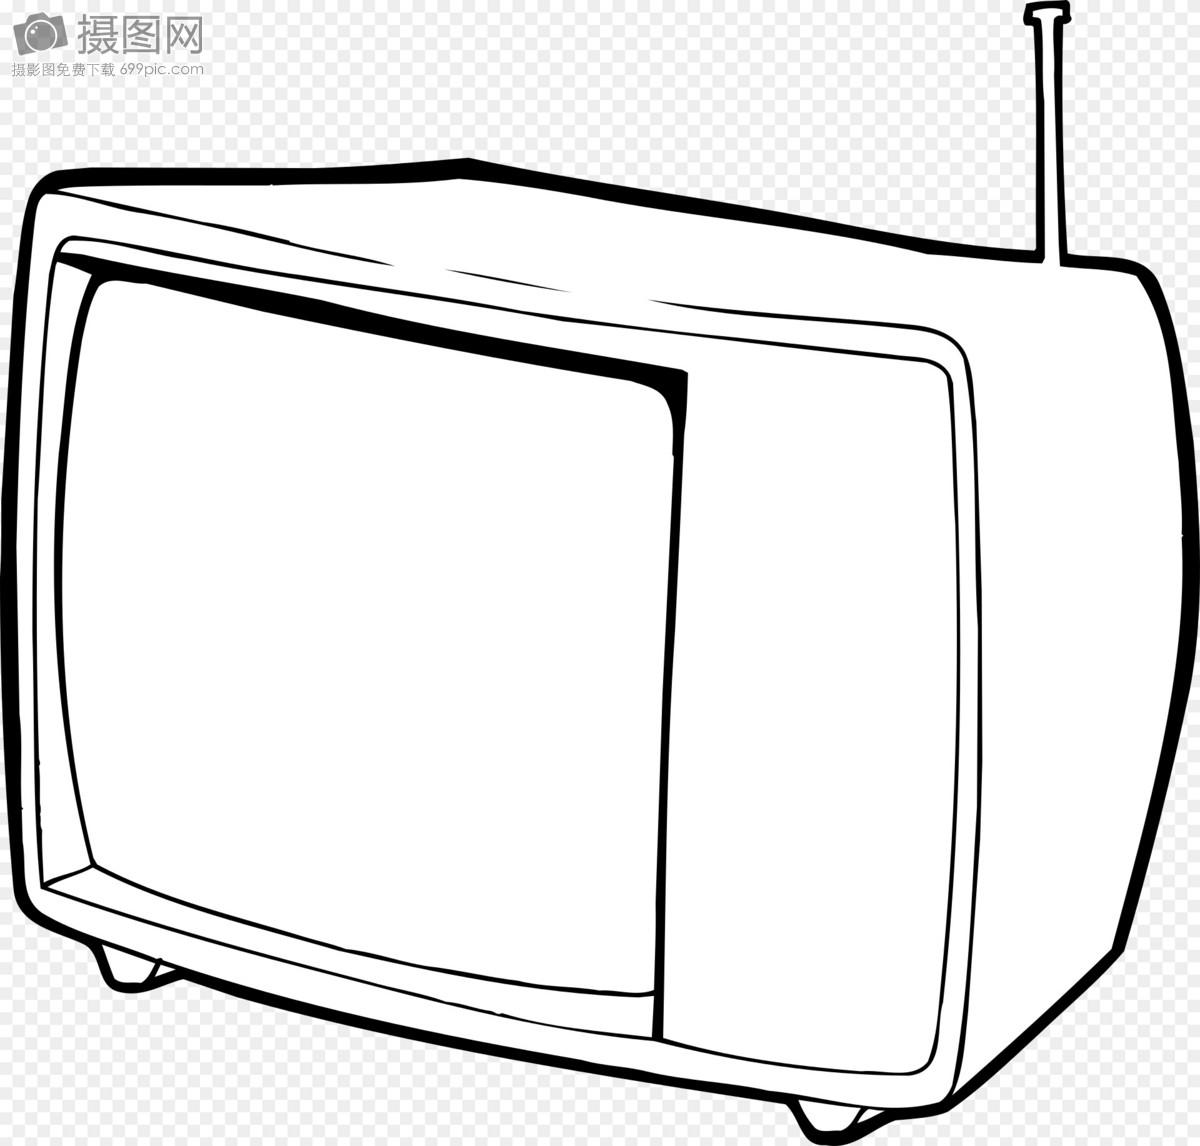 电视简笔画 可爱